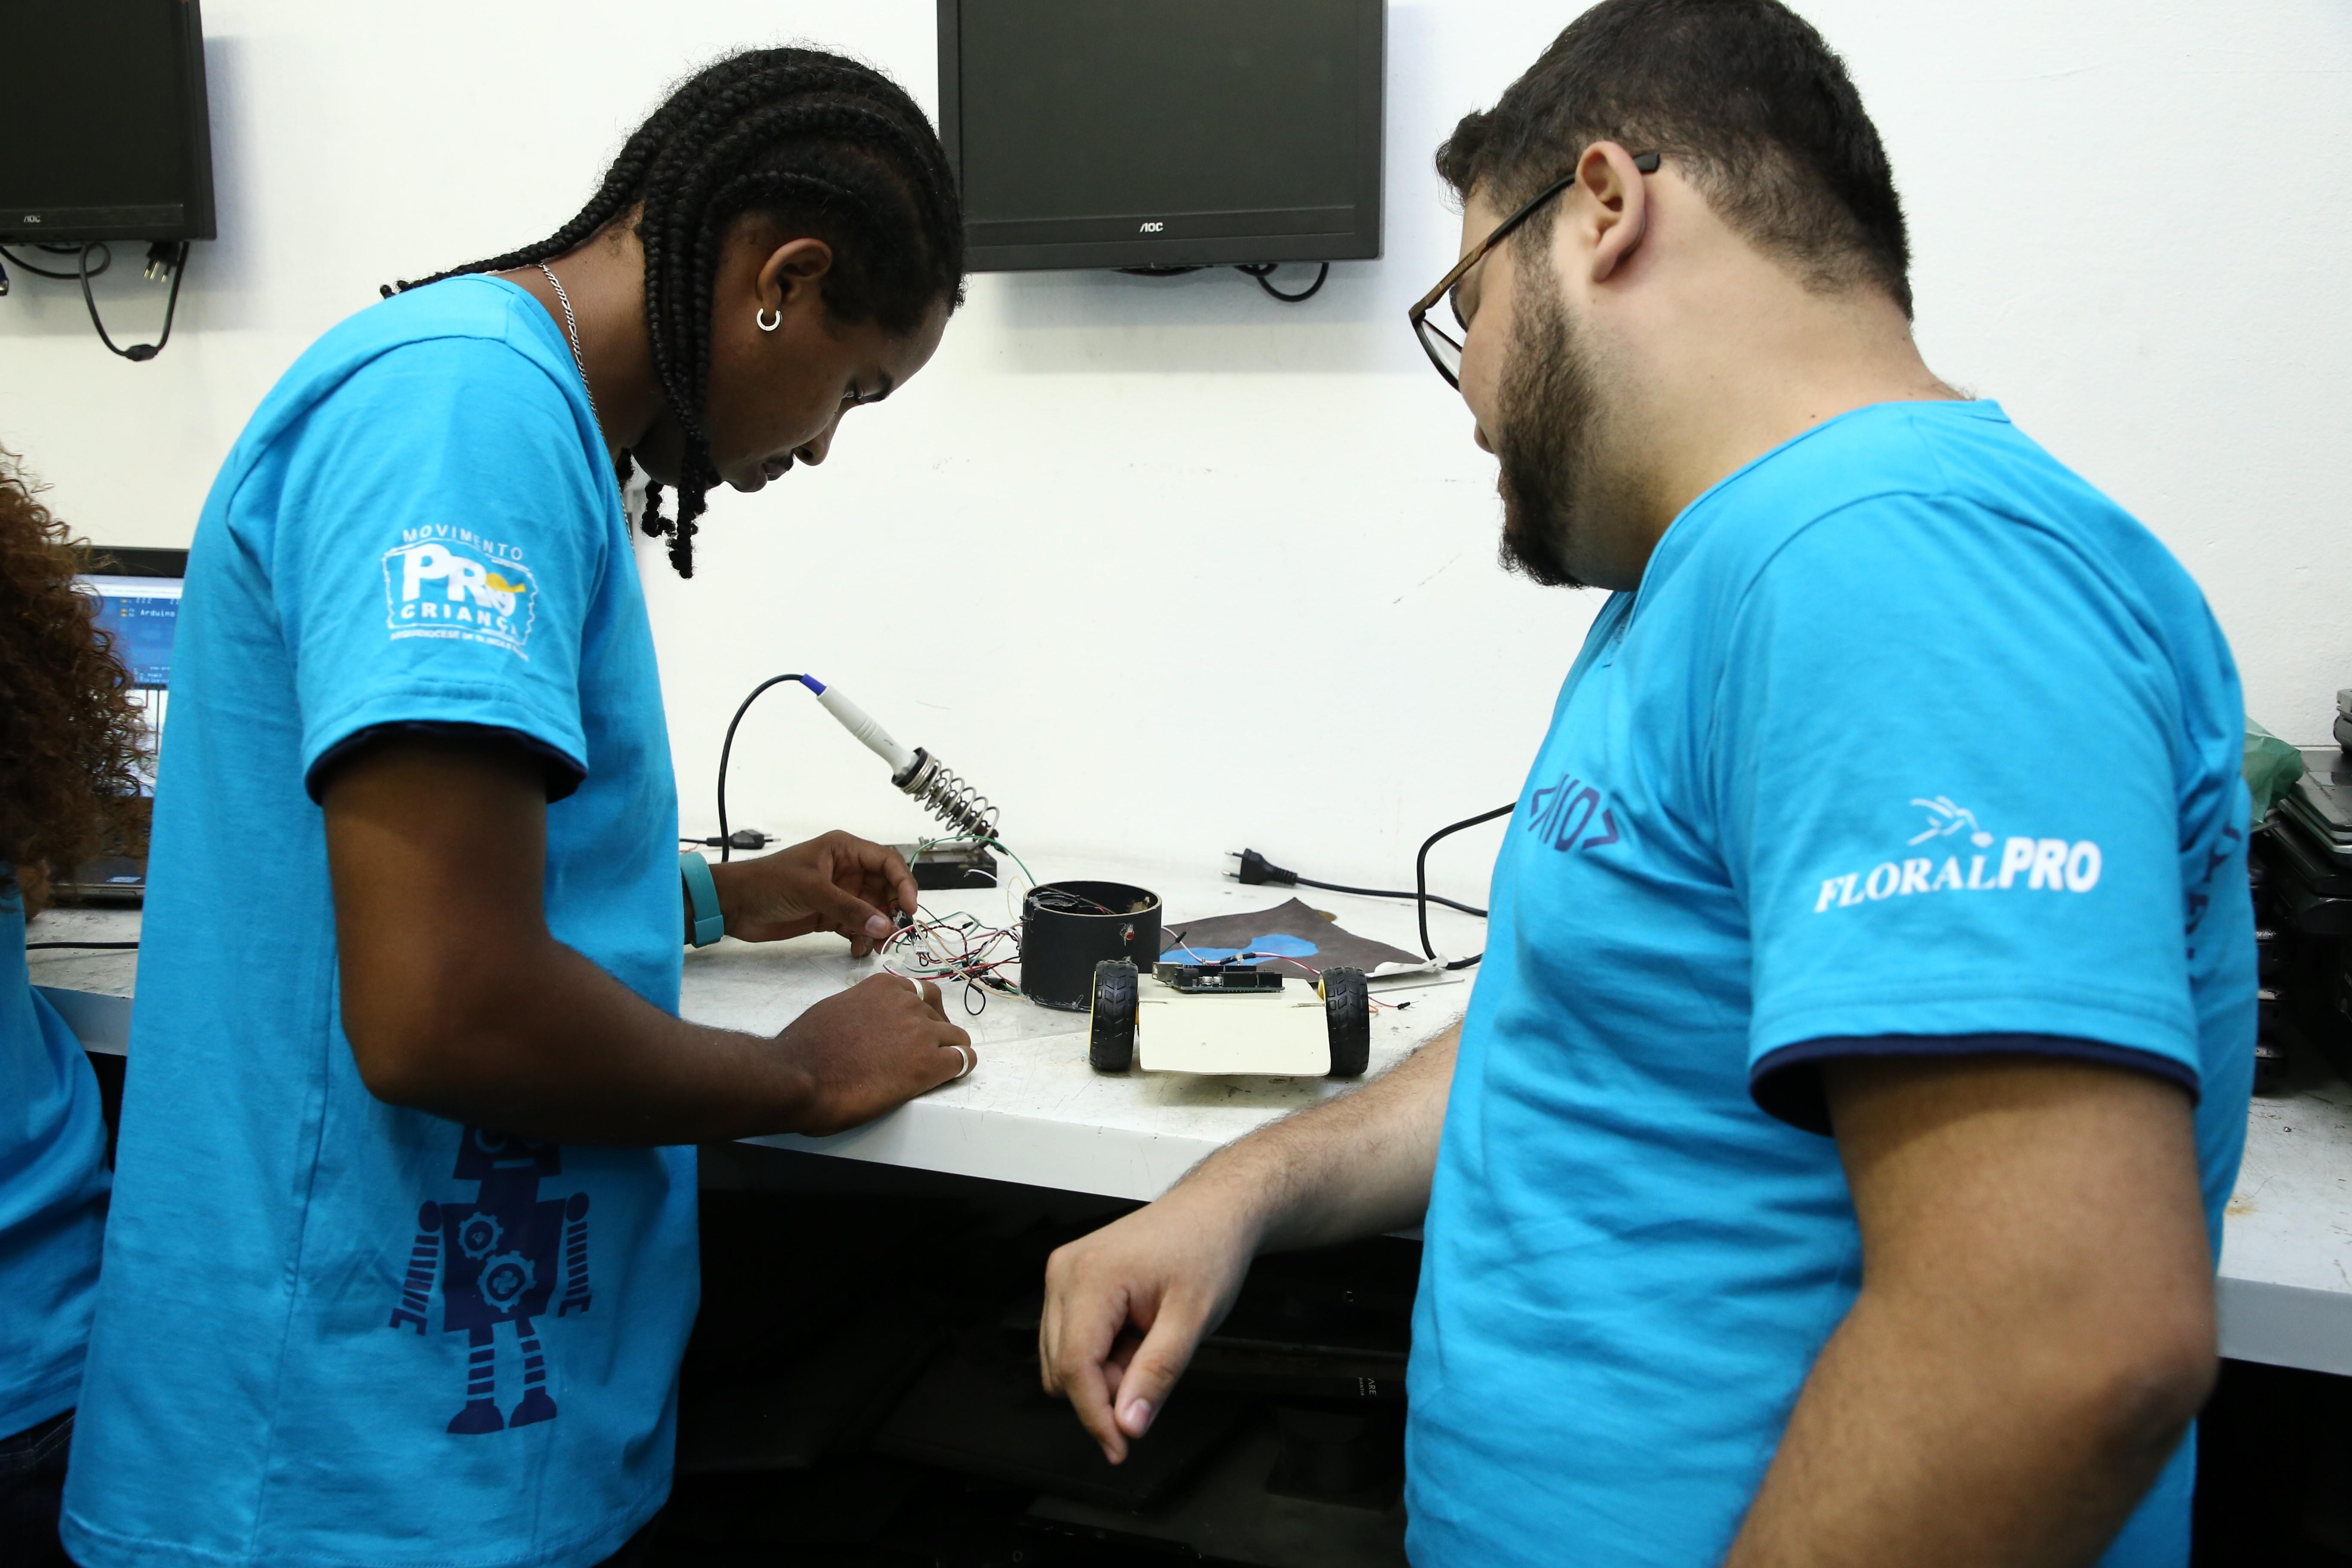 Pró-Criança inscreve para 200 vagas em cursos gratuitos na área de informática, no Recife